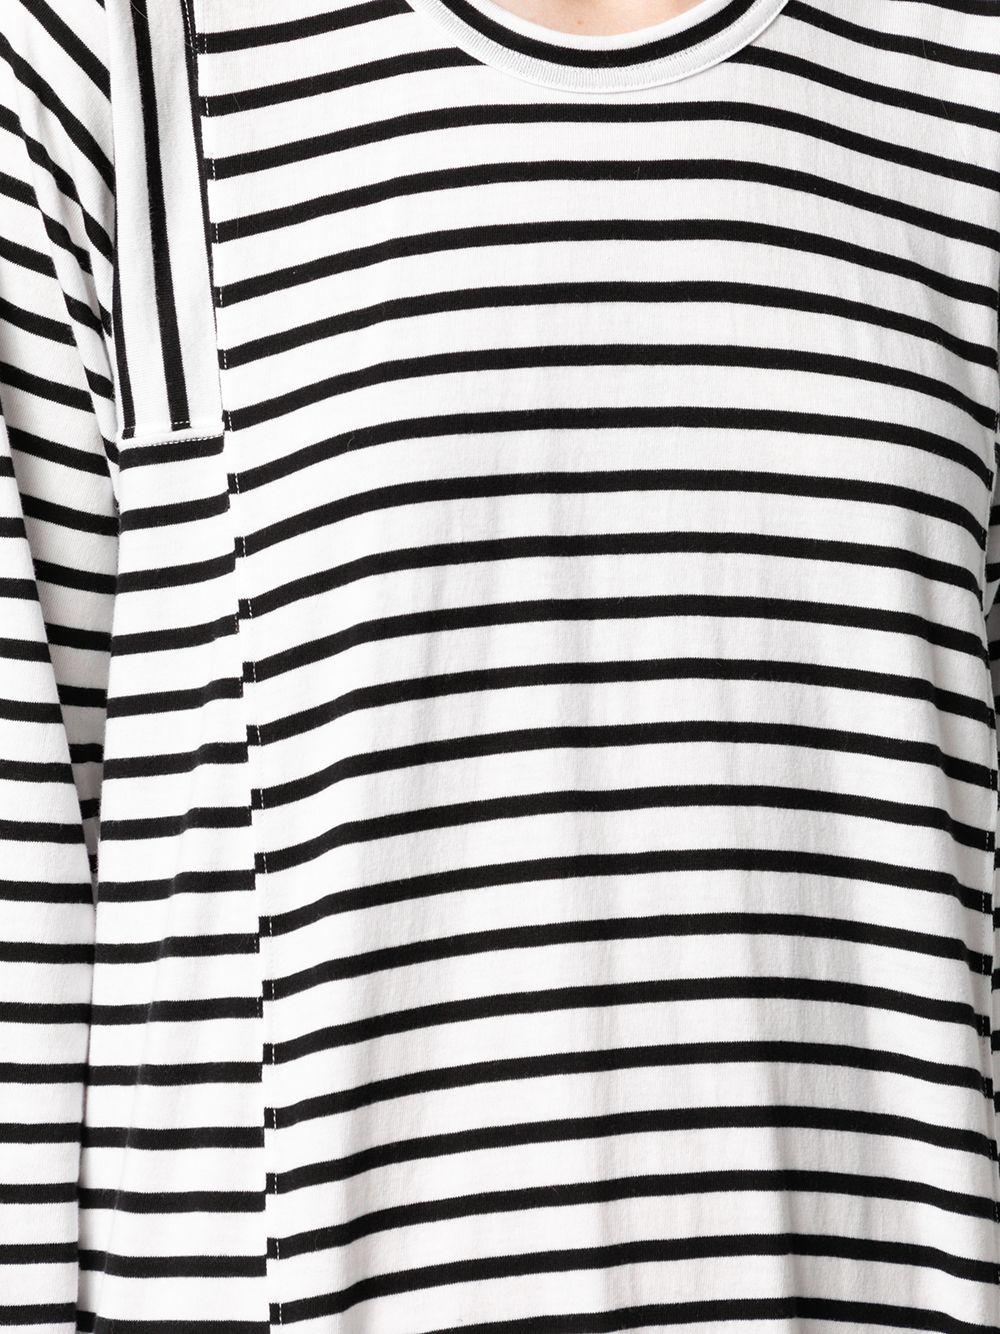 Abito a righe modello T-shirt COMME DES GARCONS COMME DES GARCONS | Abito | RG-T0211